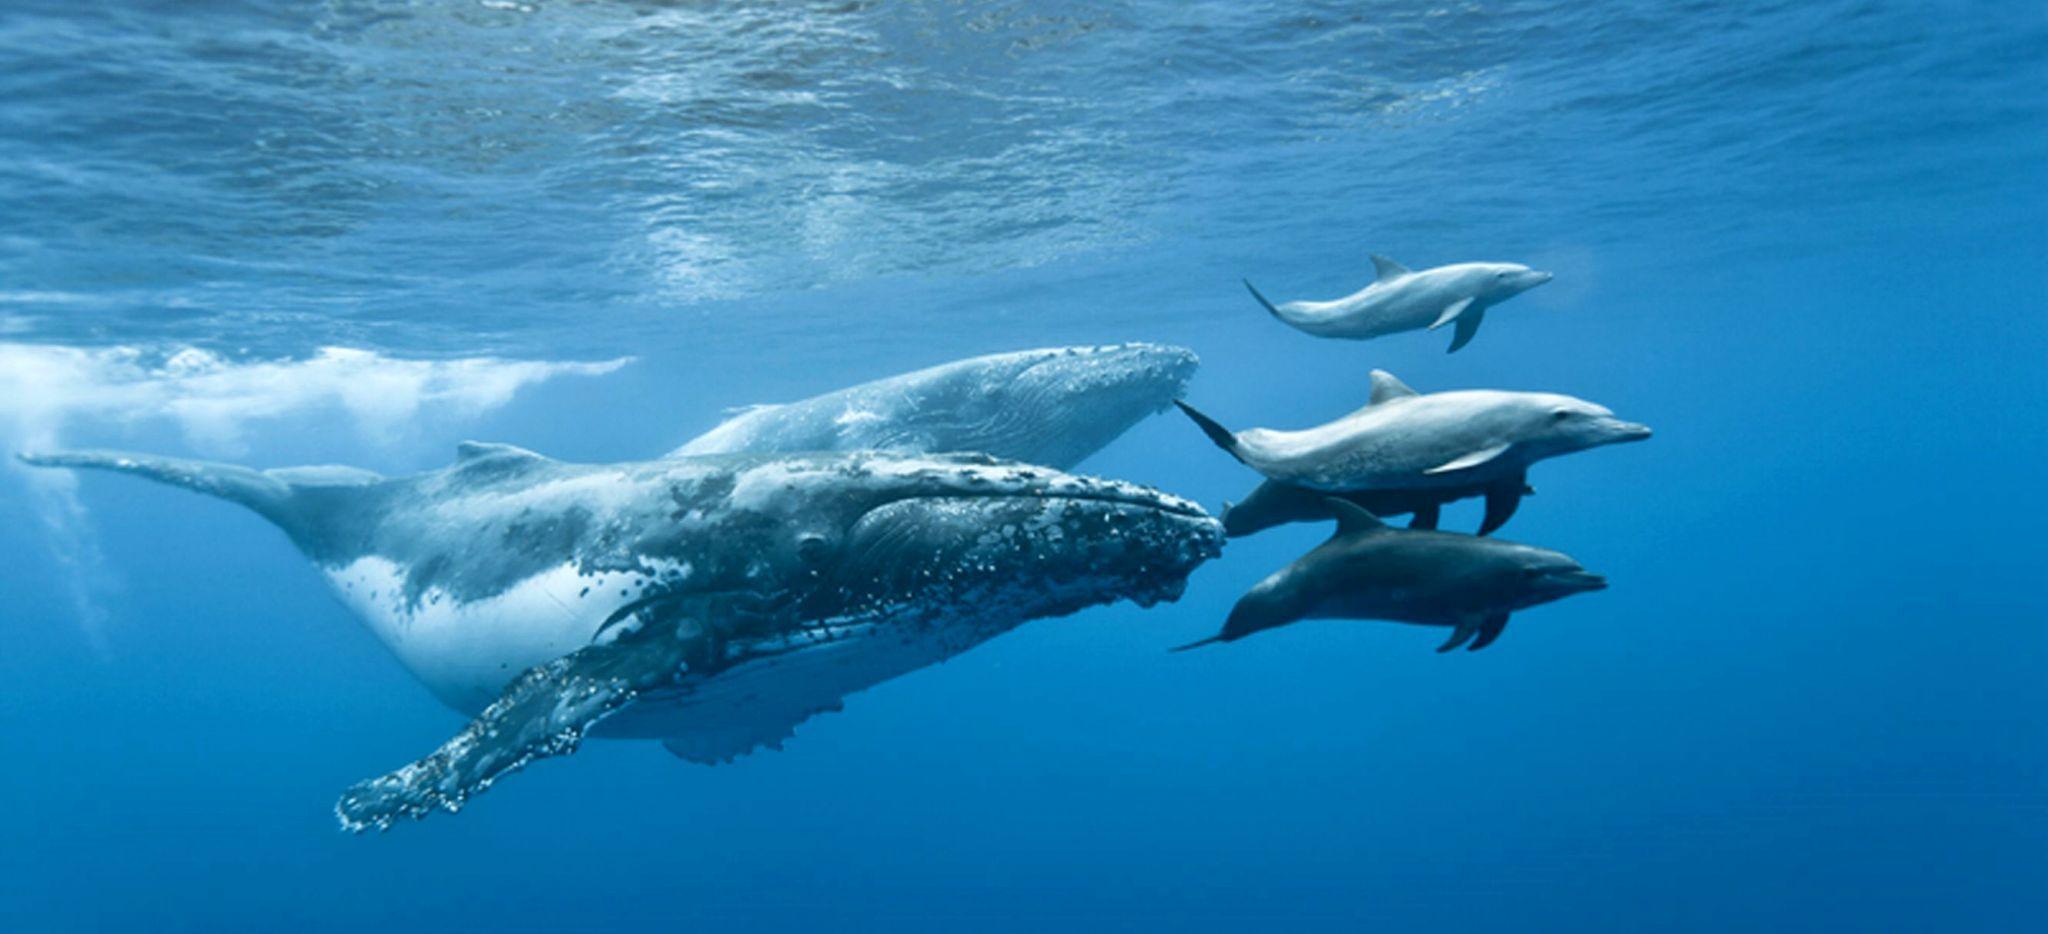 Buckelwal schwimmt zusammen mit Delphinen in der Nähe der Insel La Réunion